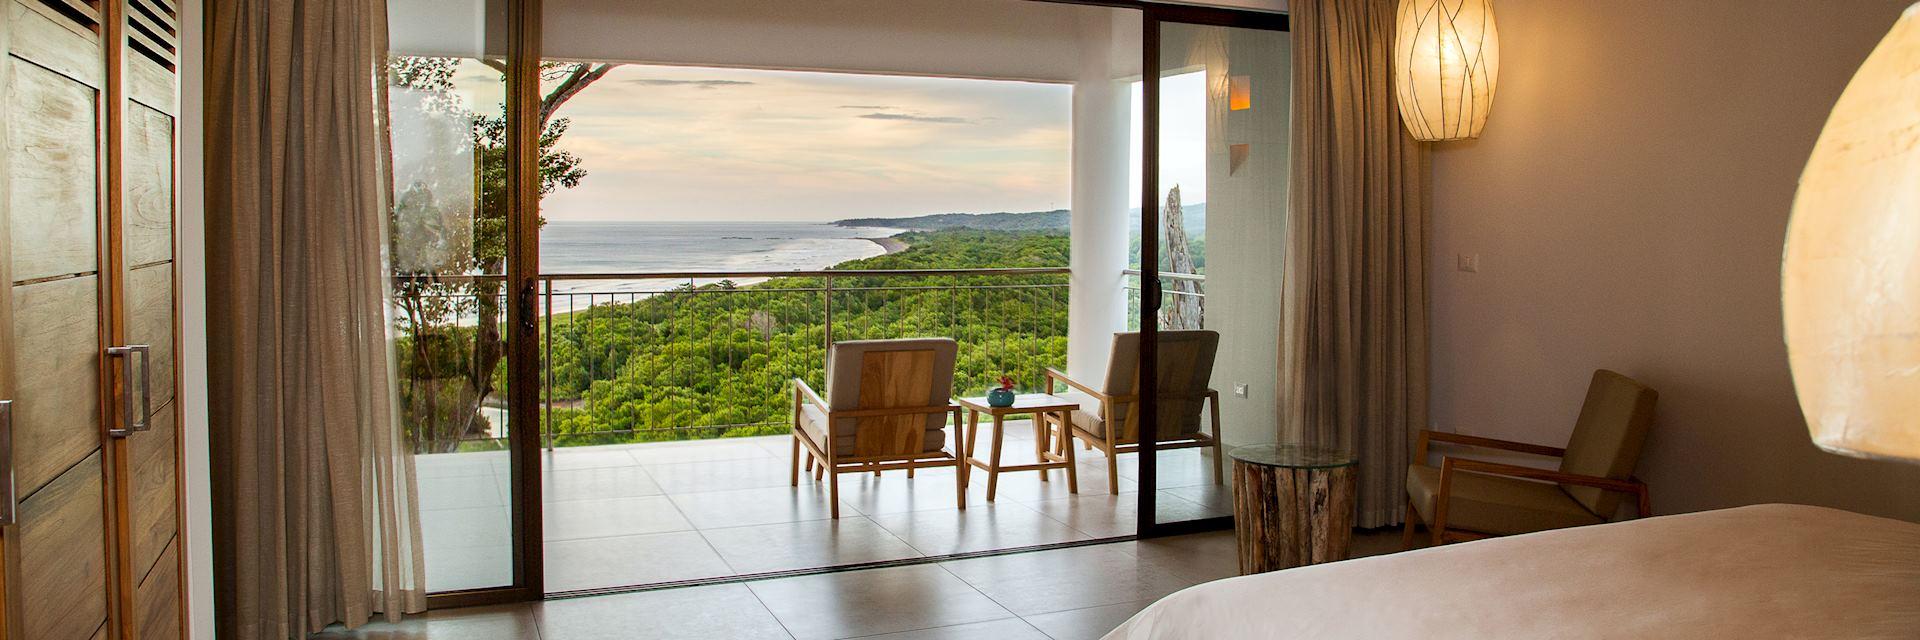 Lagarata Lodge, Costa Rica